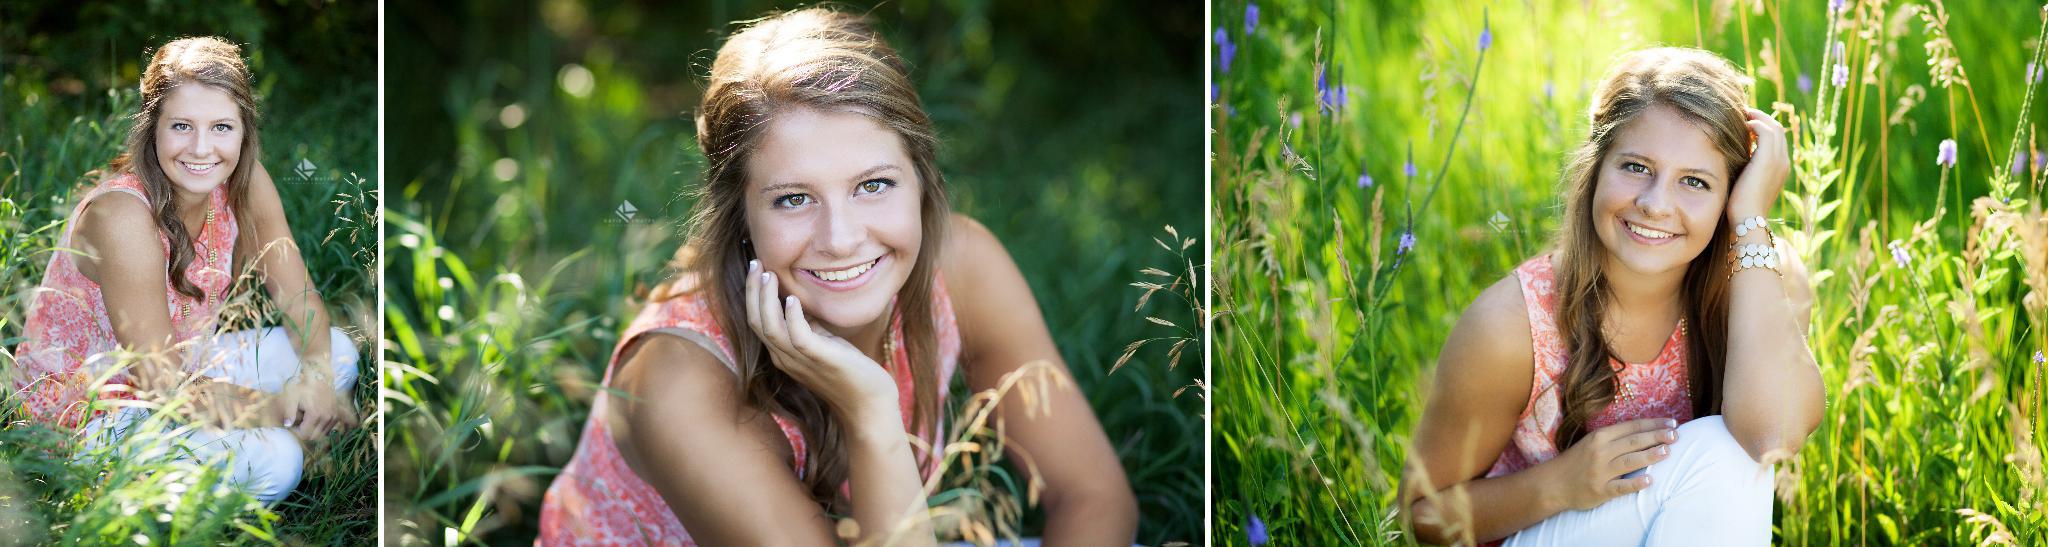 Country Senior Images by Katie Swatek Photography | Wildflower Senior Images by Katie Swatek Photography